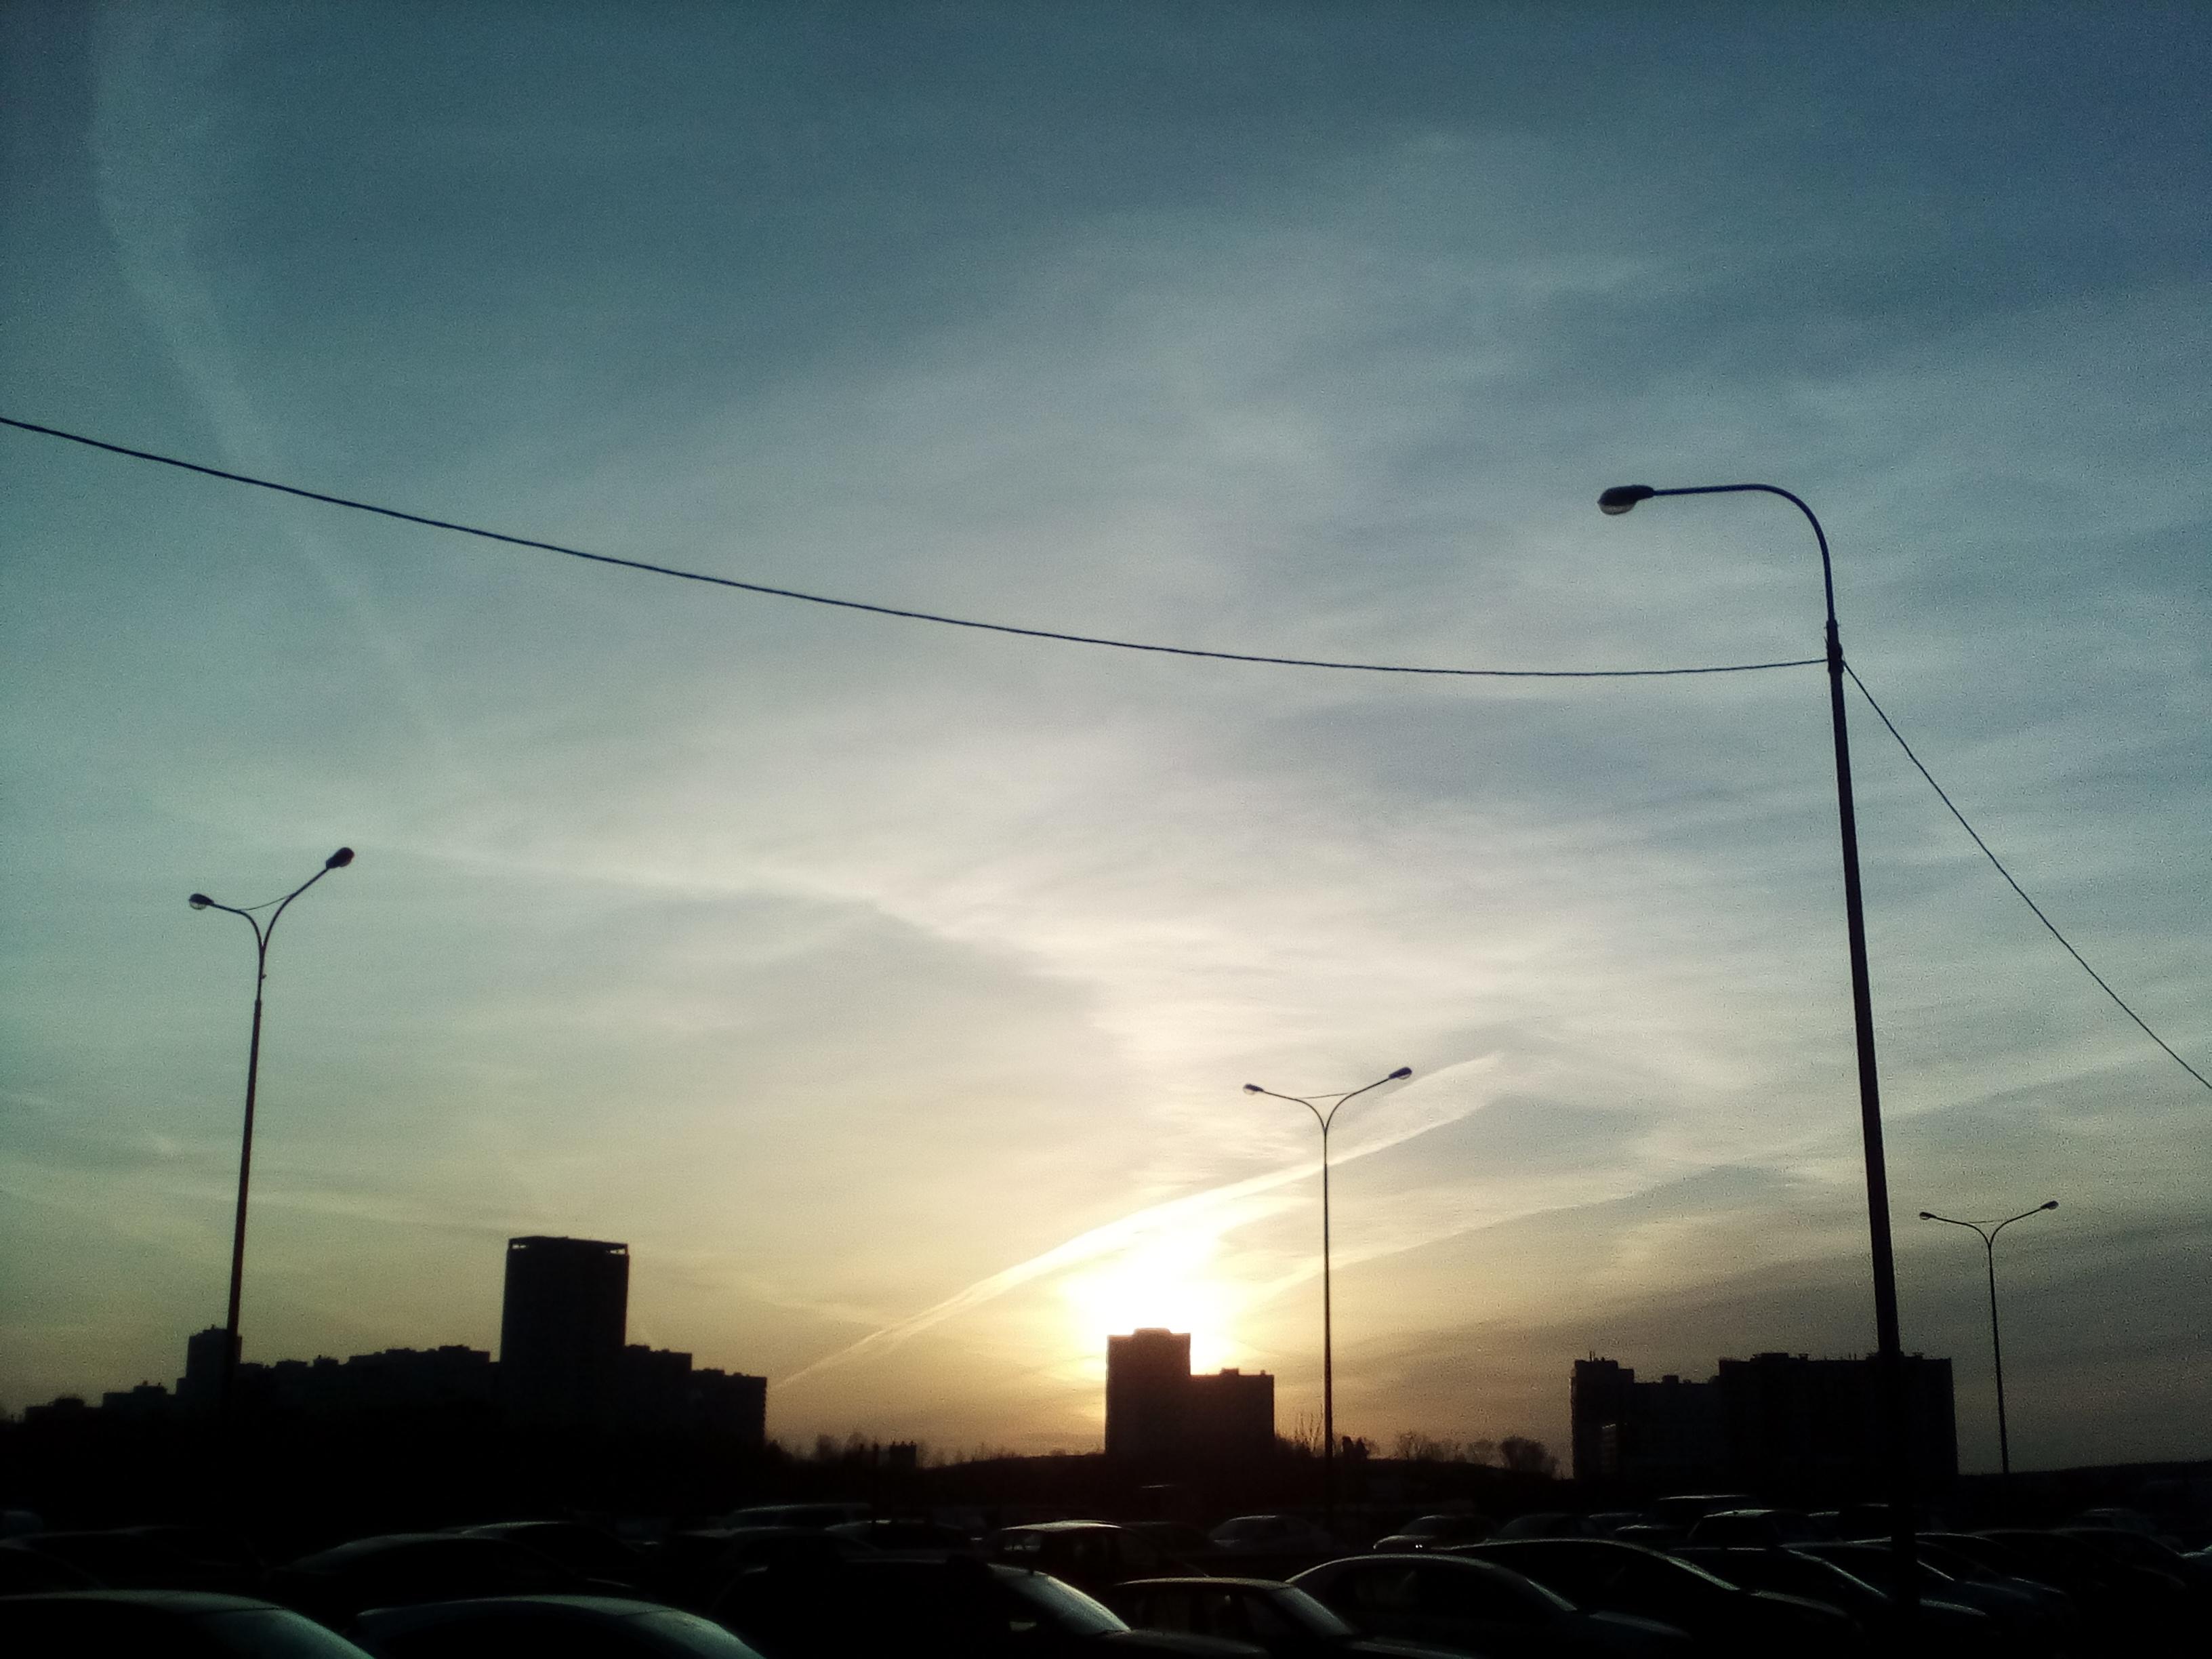 http://images.vfl.ru/ii/1585676339/8c74bcc1/30064489.jpg